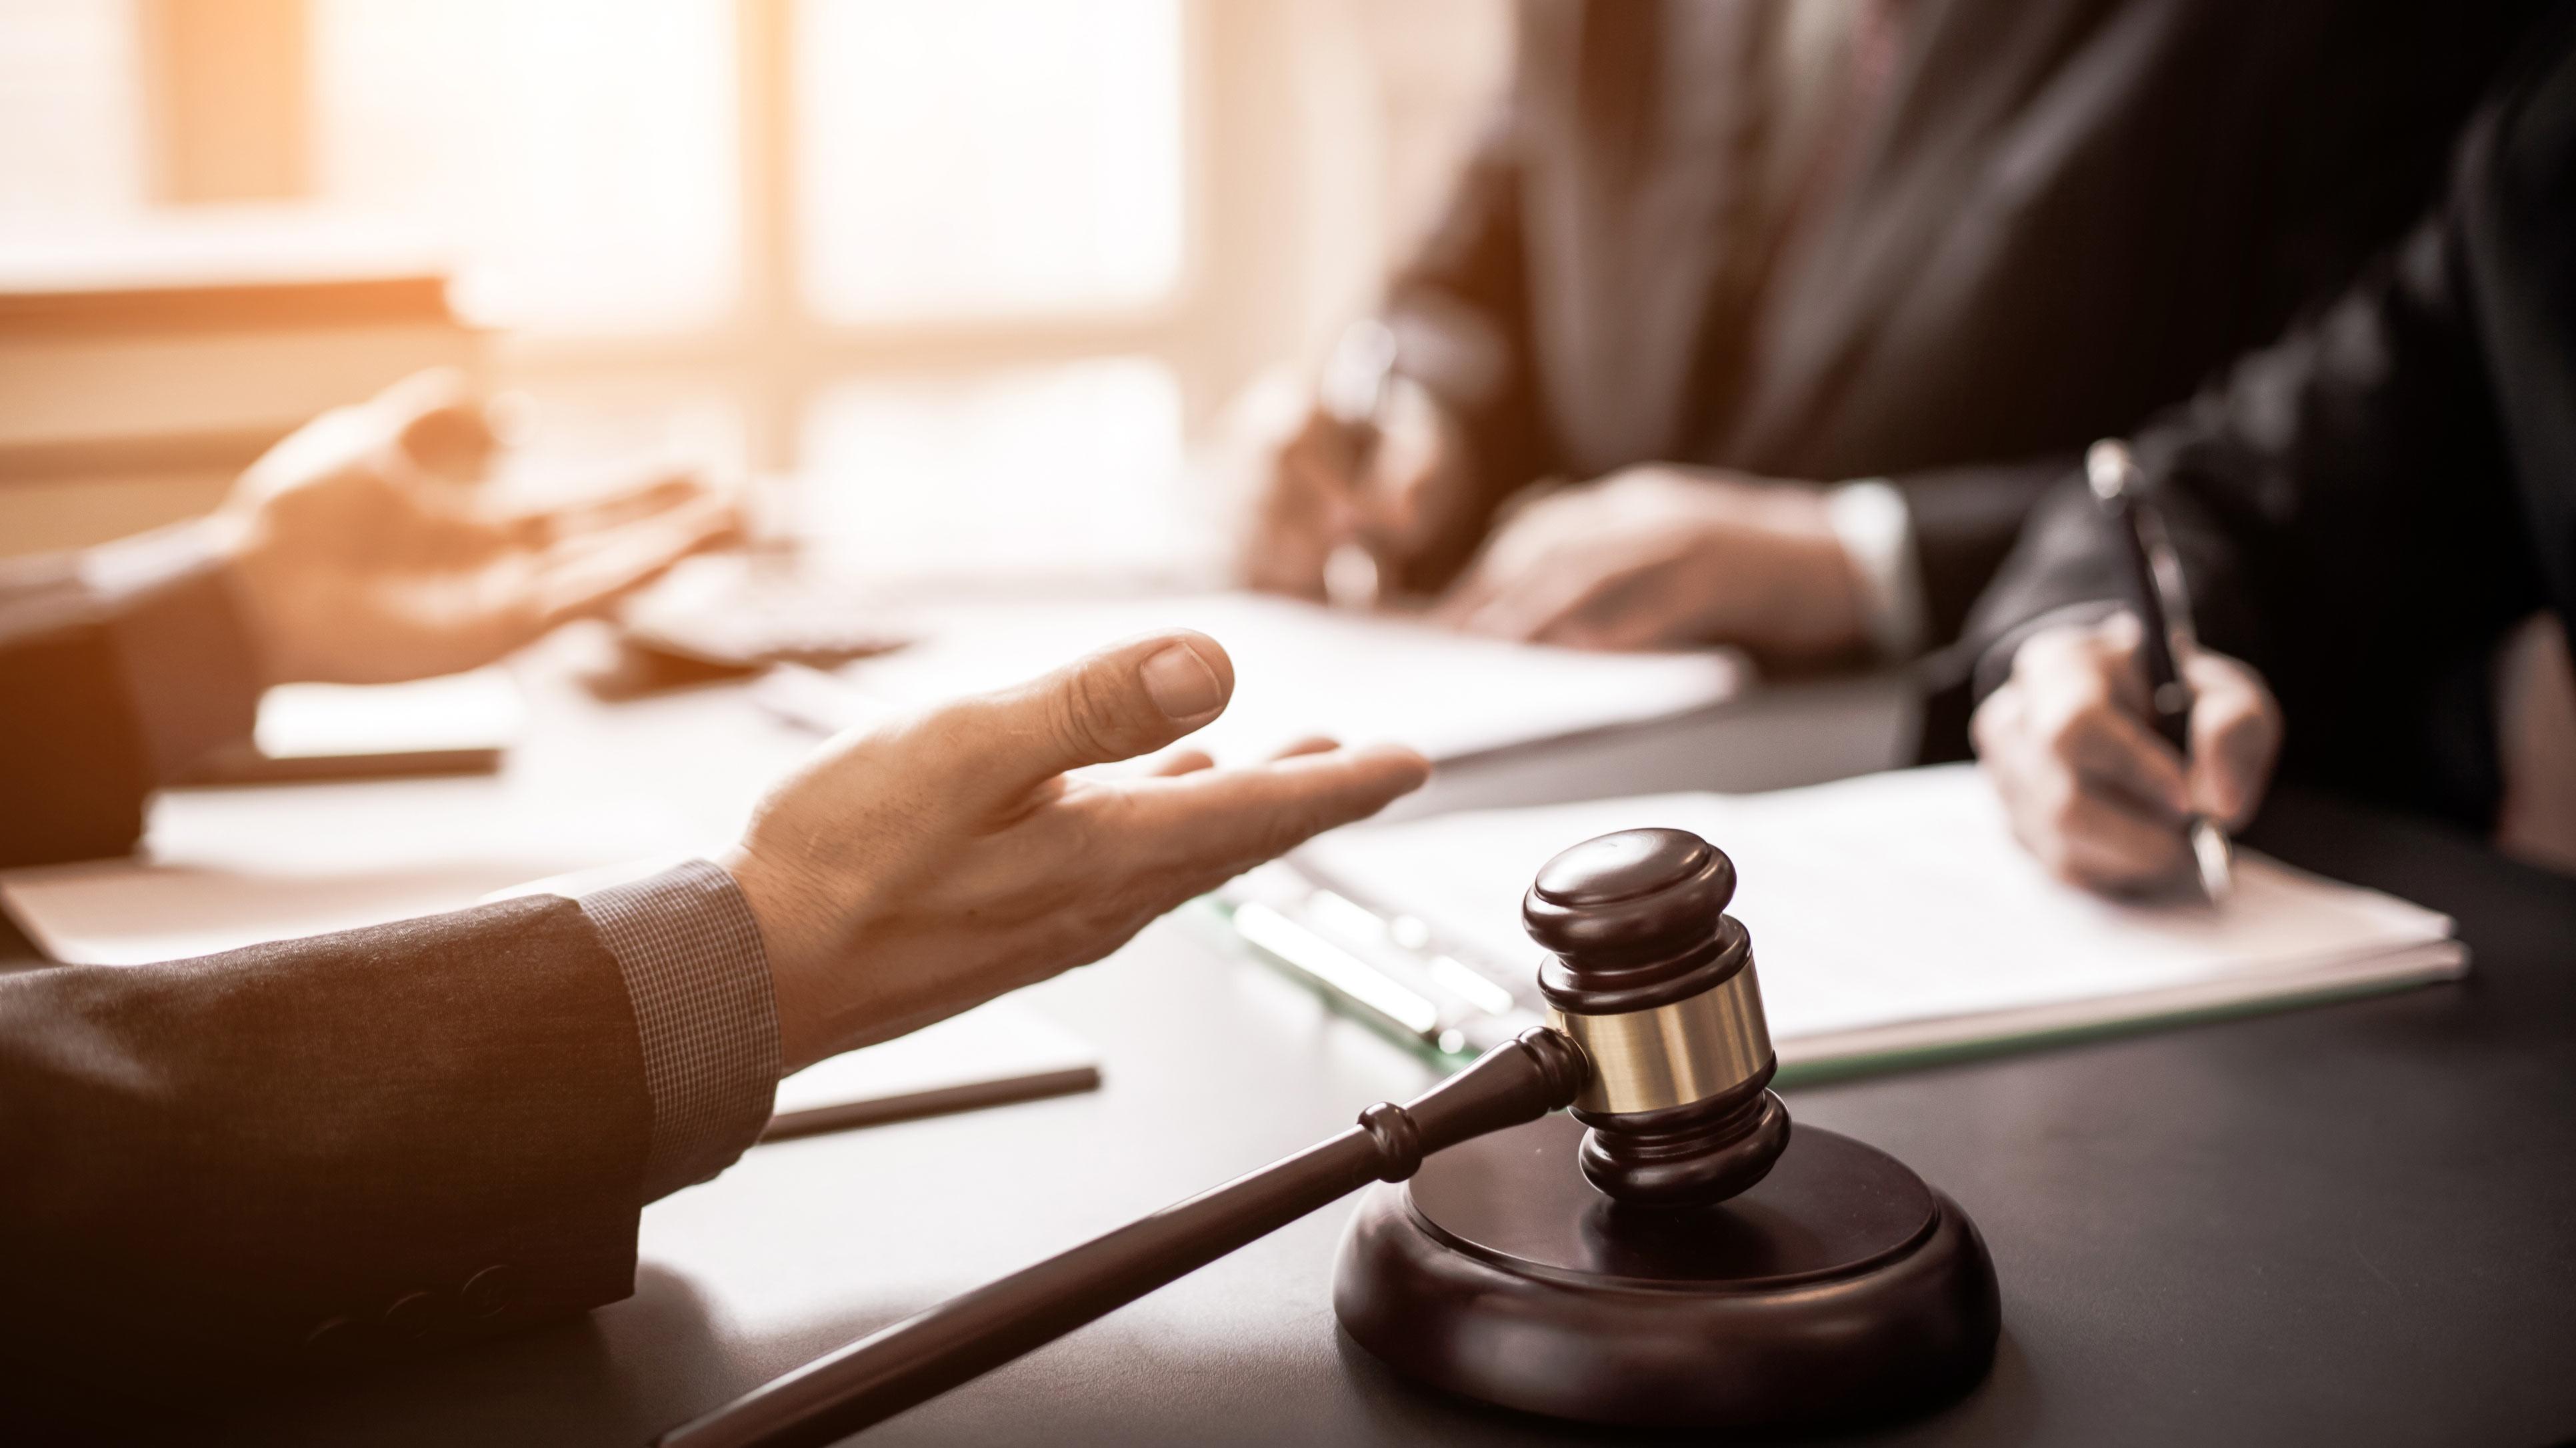 modificacion-a-la-normativa-de-arbitrajes-genera-costos-prohibitivos-y-beneficios-procesales-desmesurados-al-estadonbsp